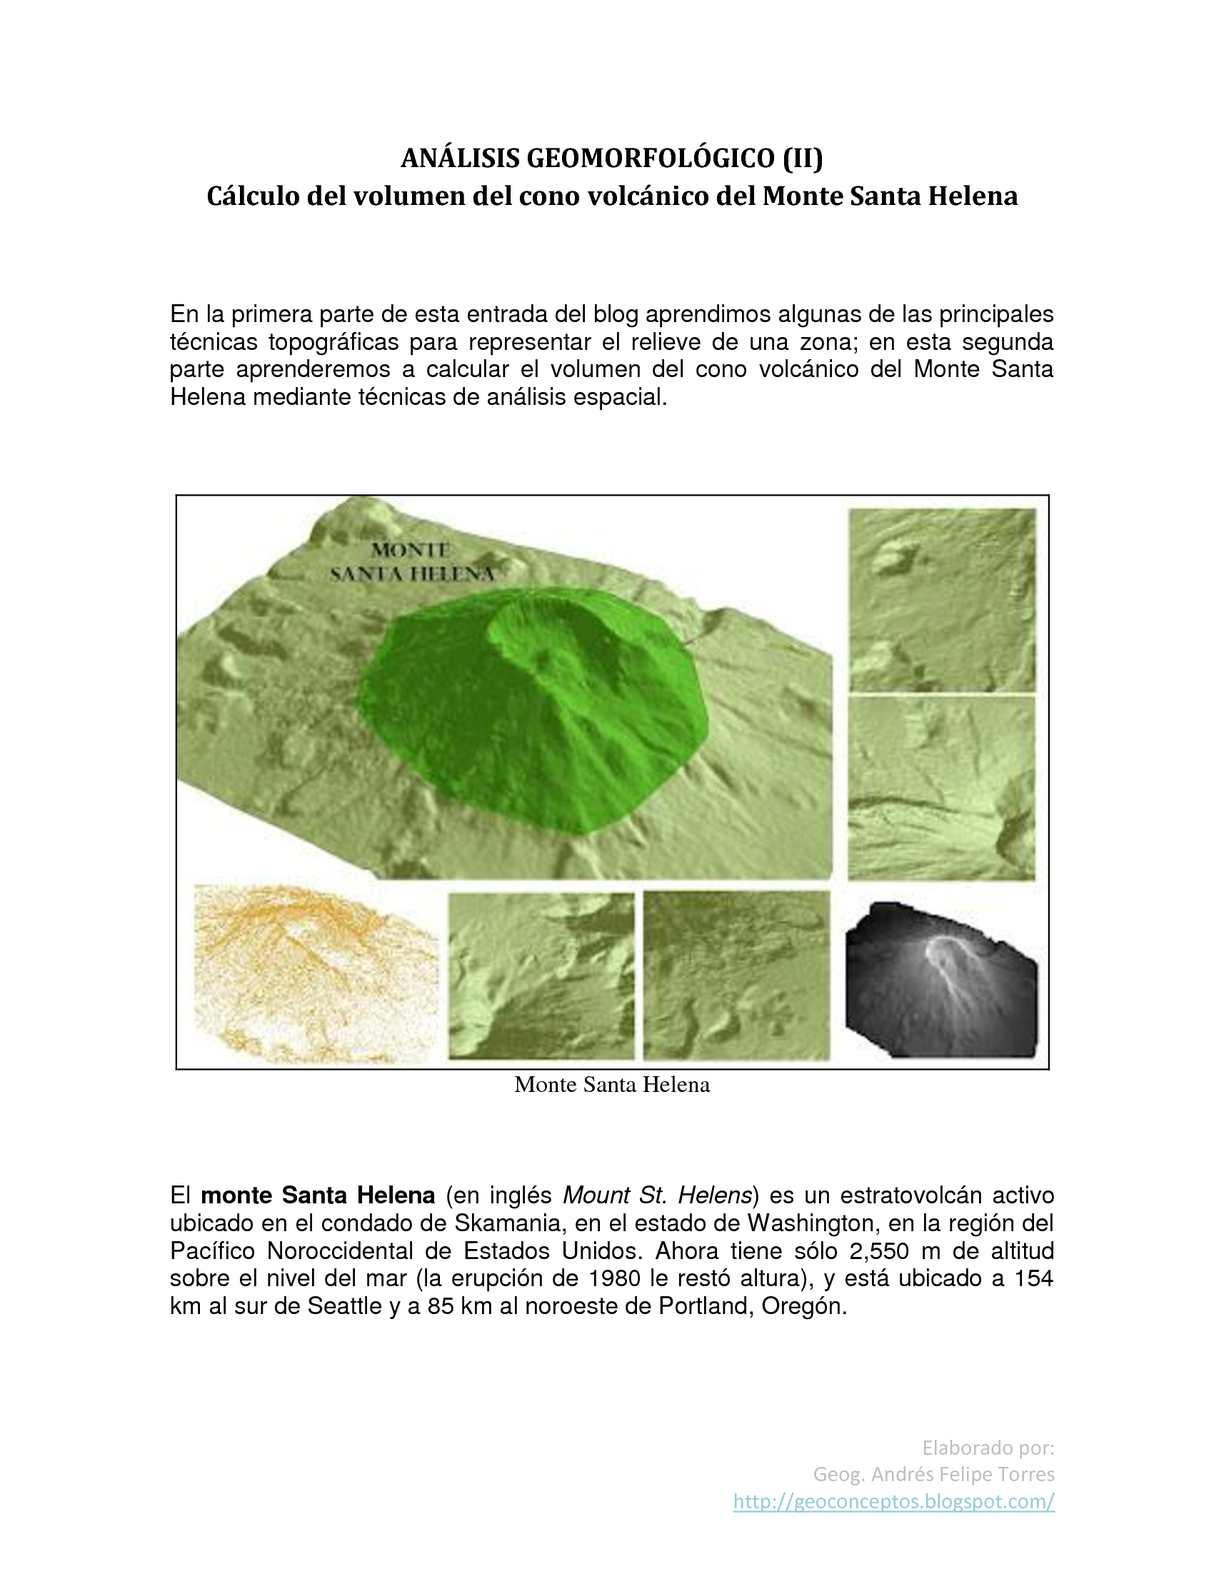 ANÁLISIS GEOMORFOLÓGICO II Cálculo del volumen del cono volcánico del Monte Santa Helena